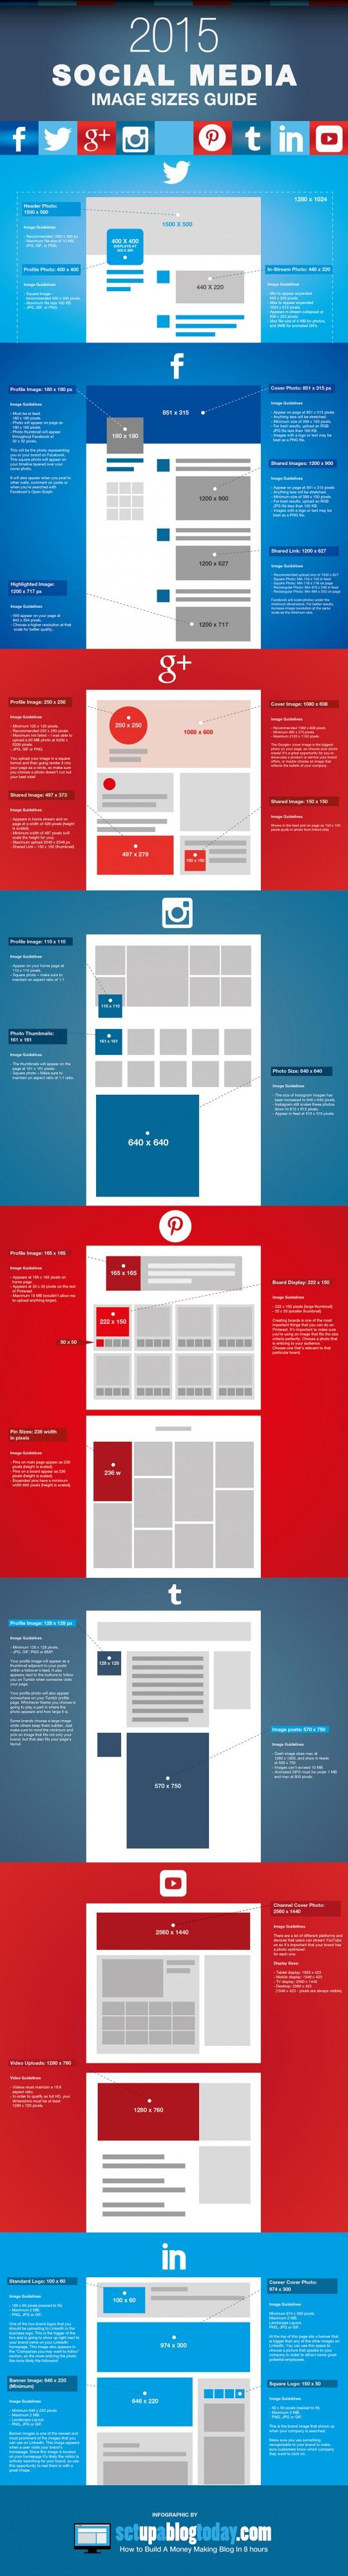 [Infográfico] Guia de Tamanhos de Imagens para Redes Sociais